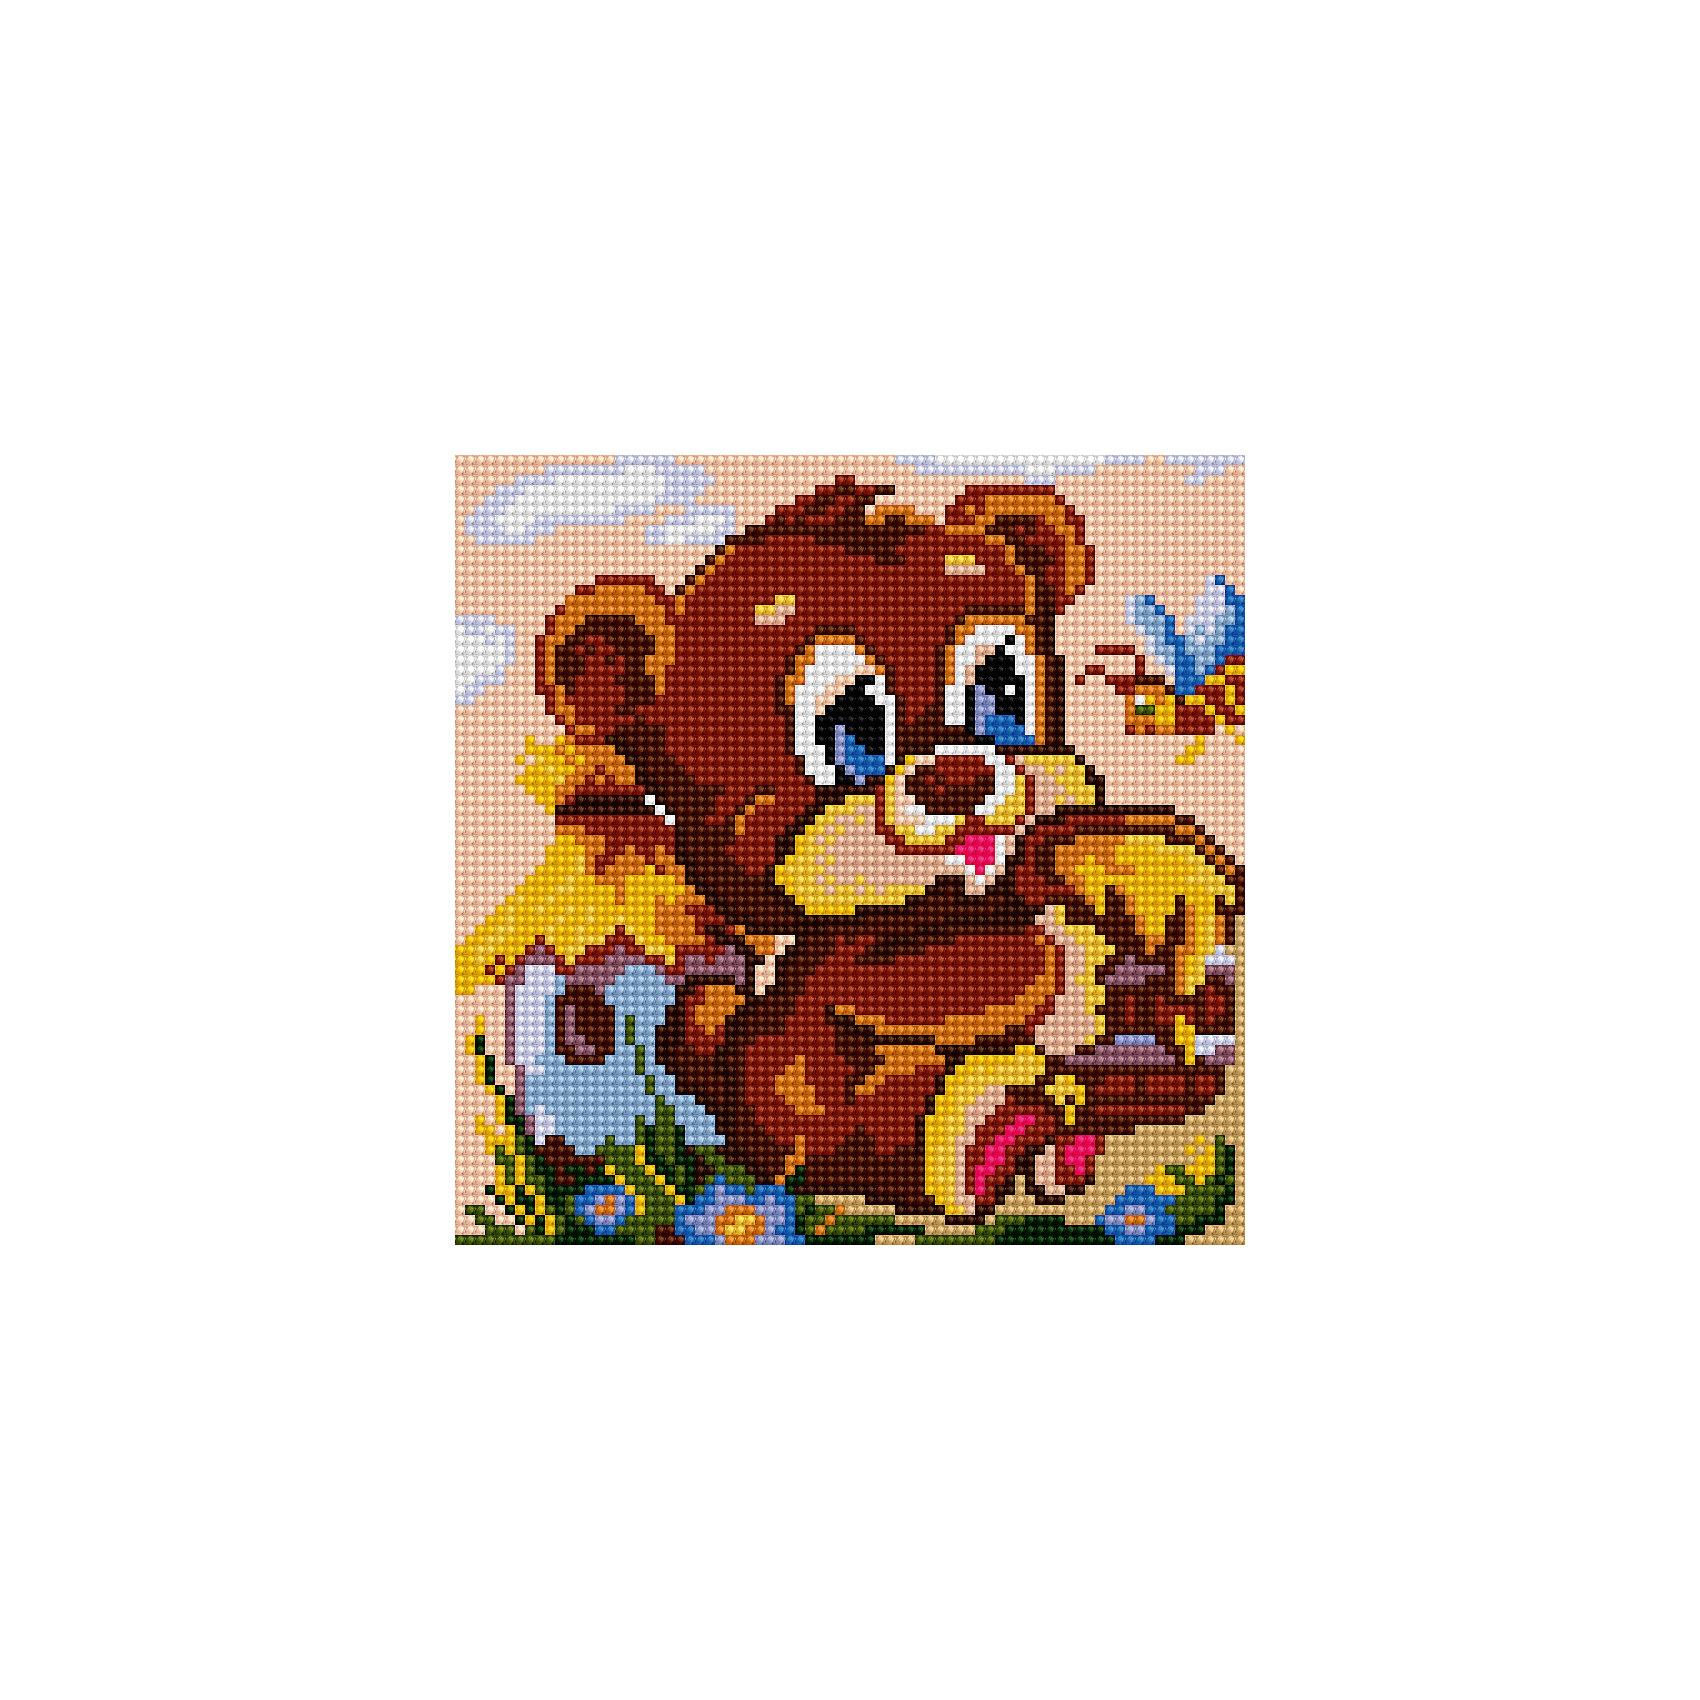 Schreiber Алмазная мозаика по номерами Медвежонок 20*20 см schreiber алмазная мозаика по номерами белочка 20 20 см